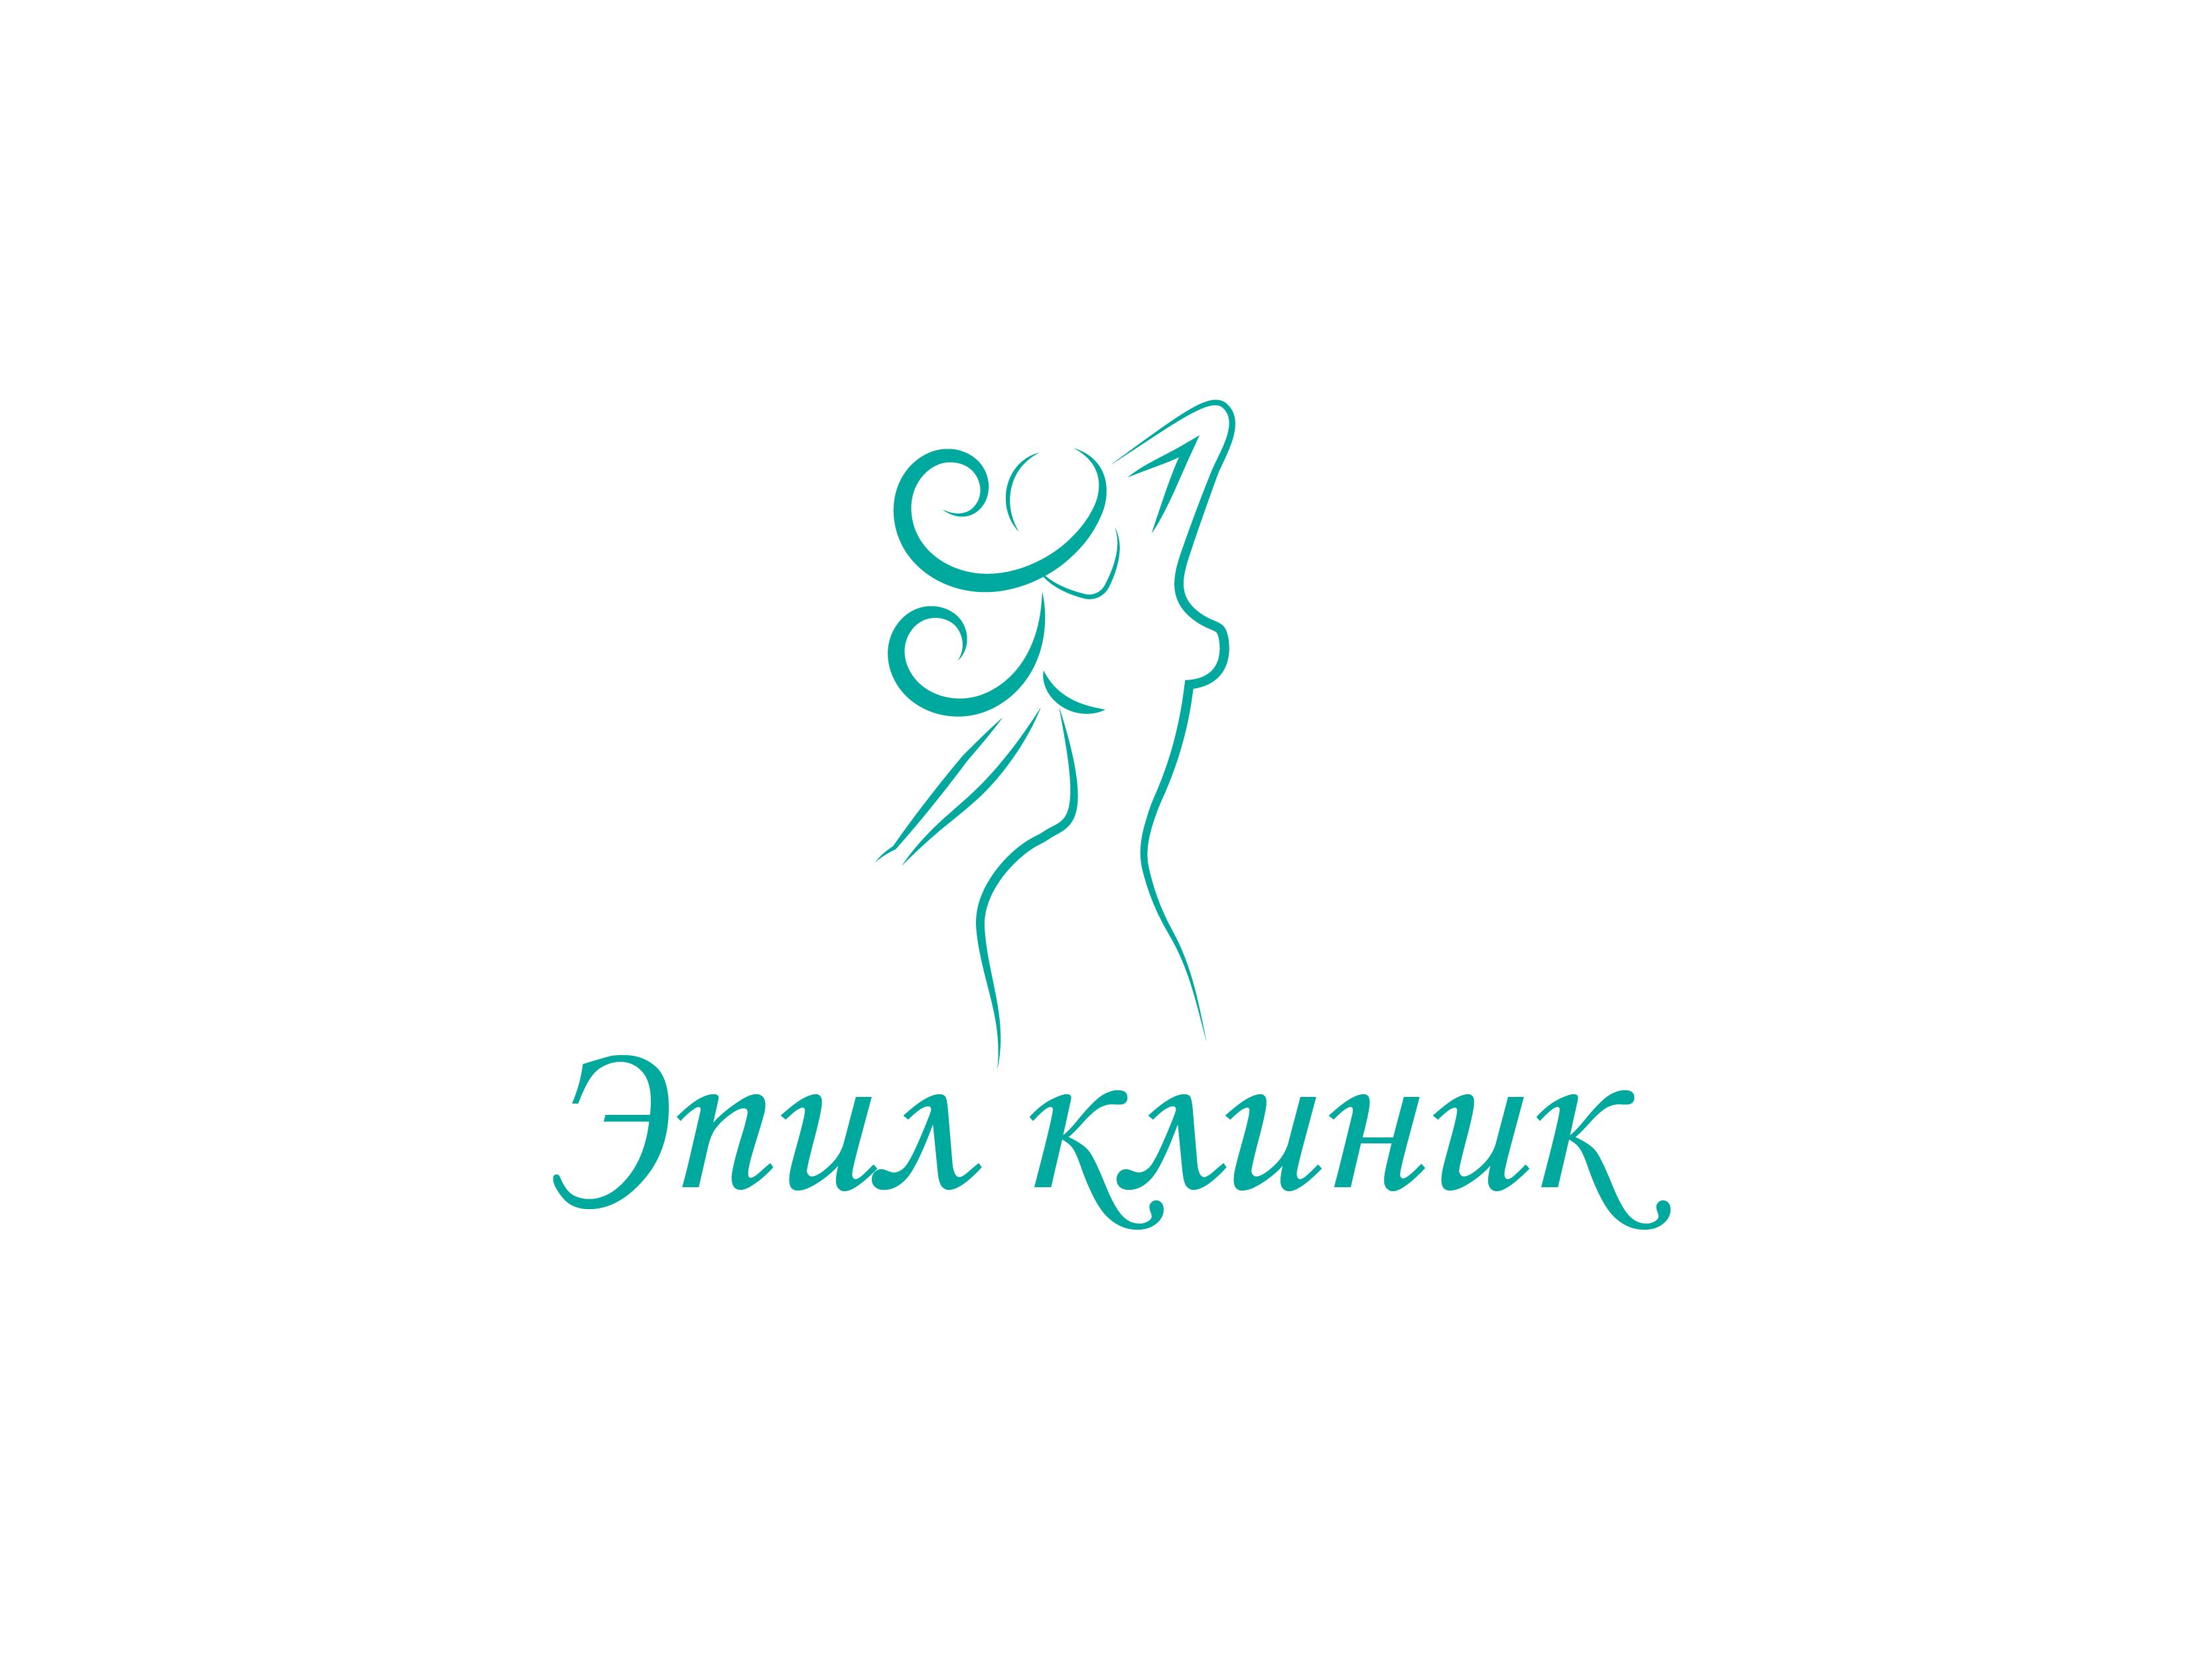 Логотип , фирменный стиль  фото f_8545e19e6209576d.png